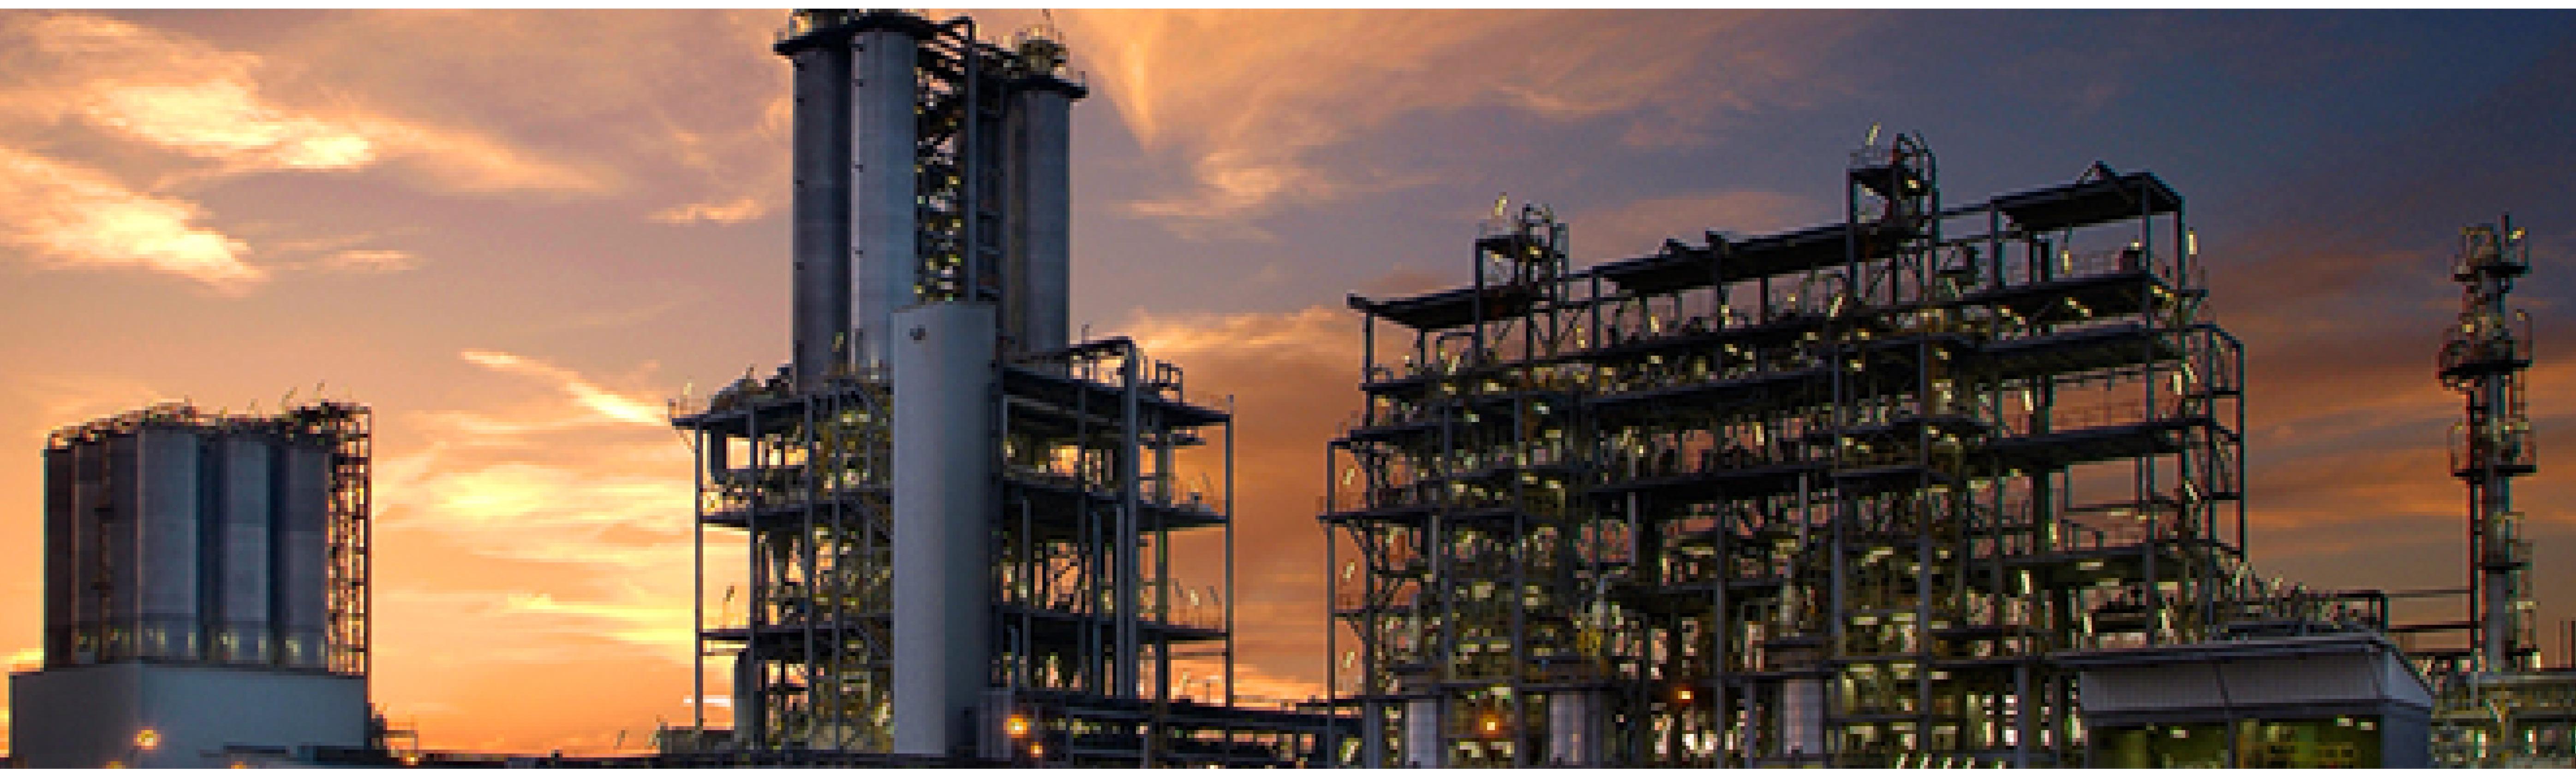 Petrochemical Technologies - CB&I - MDR